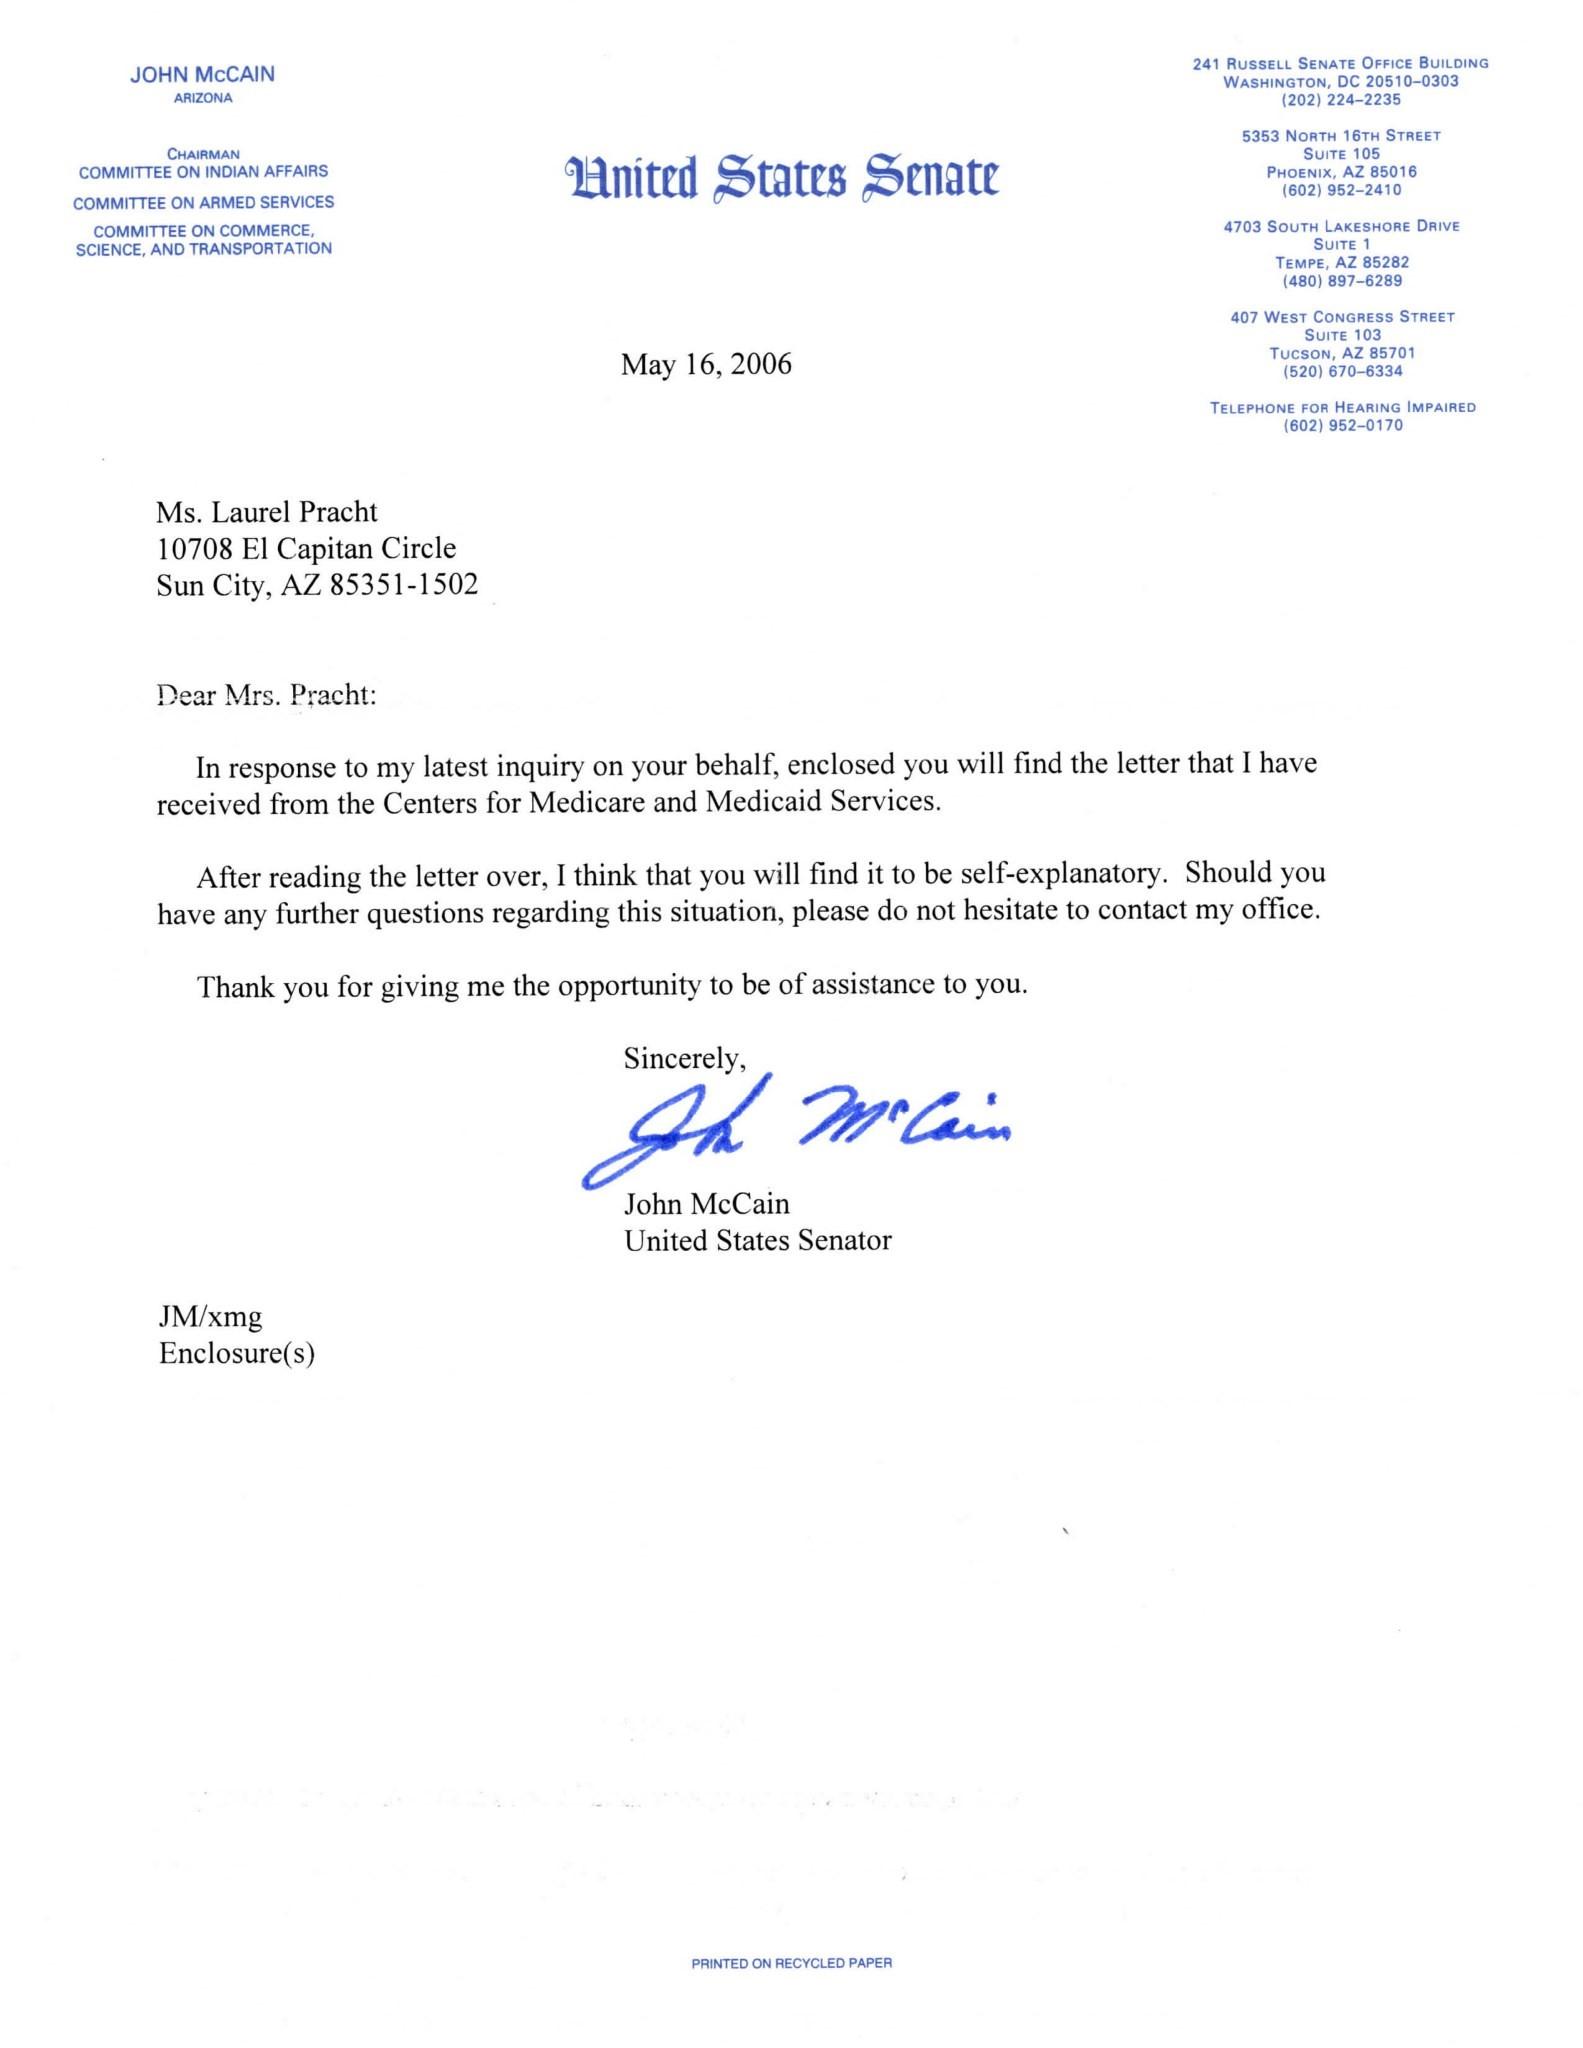 McCain Letter.jpg